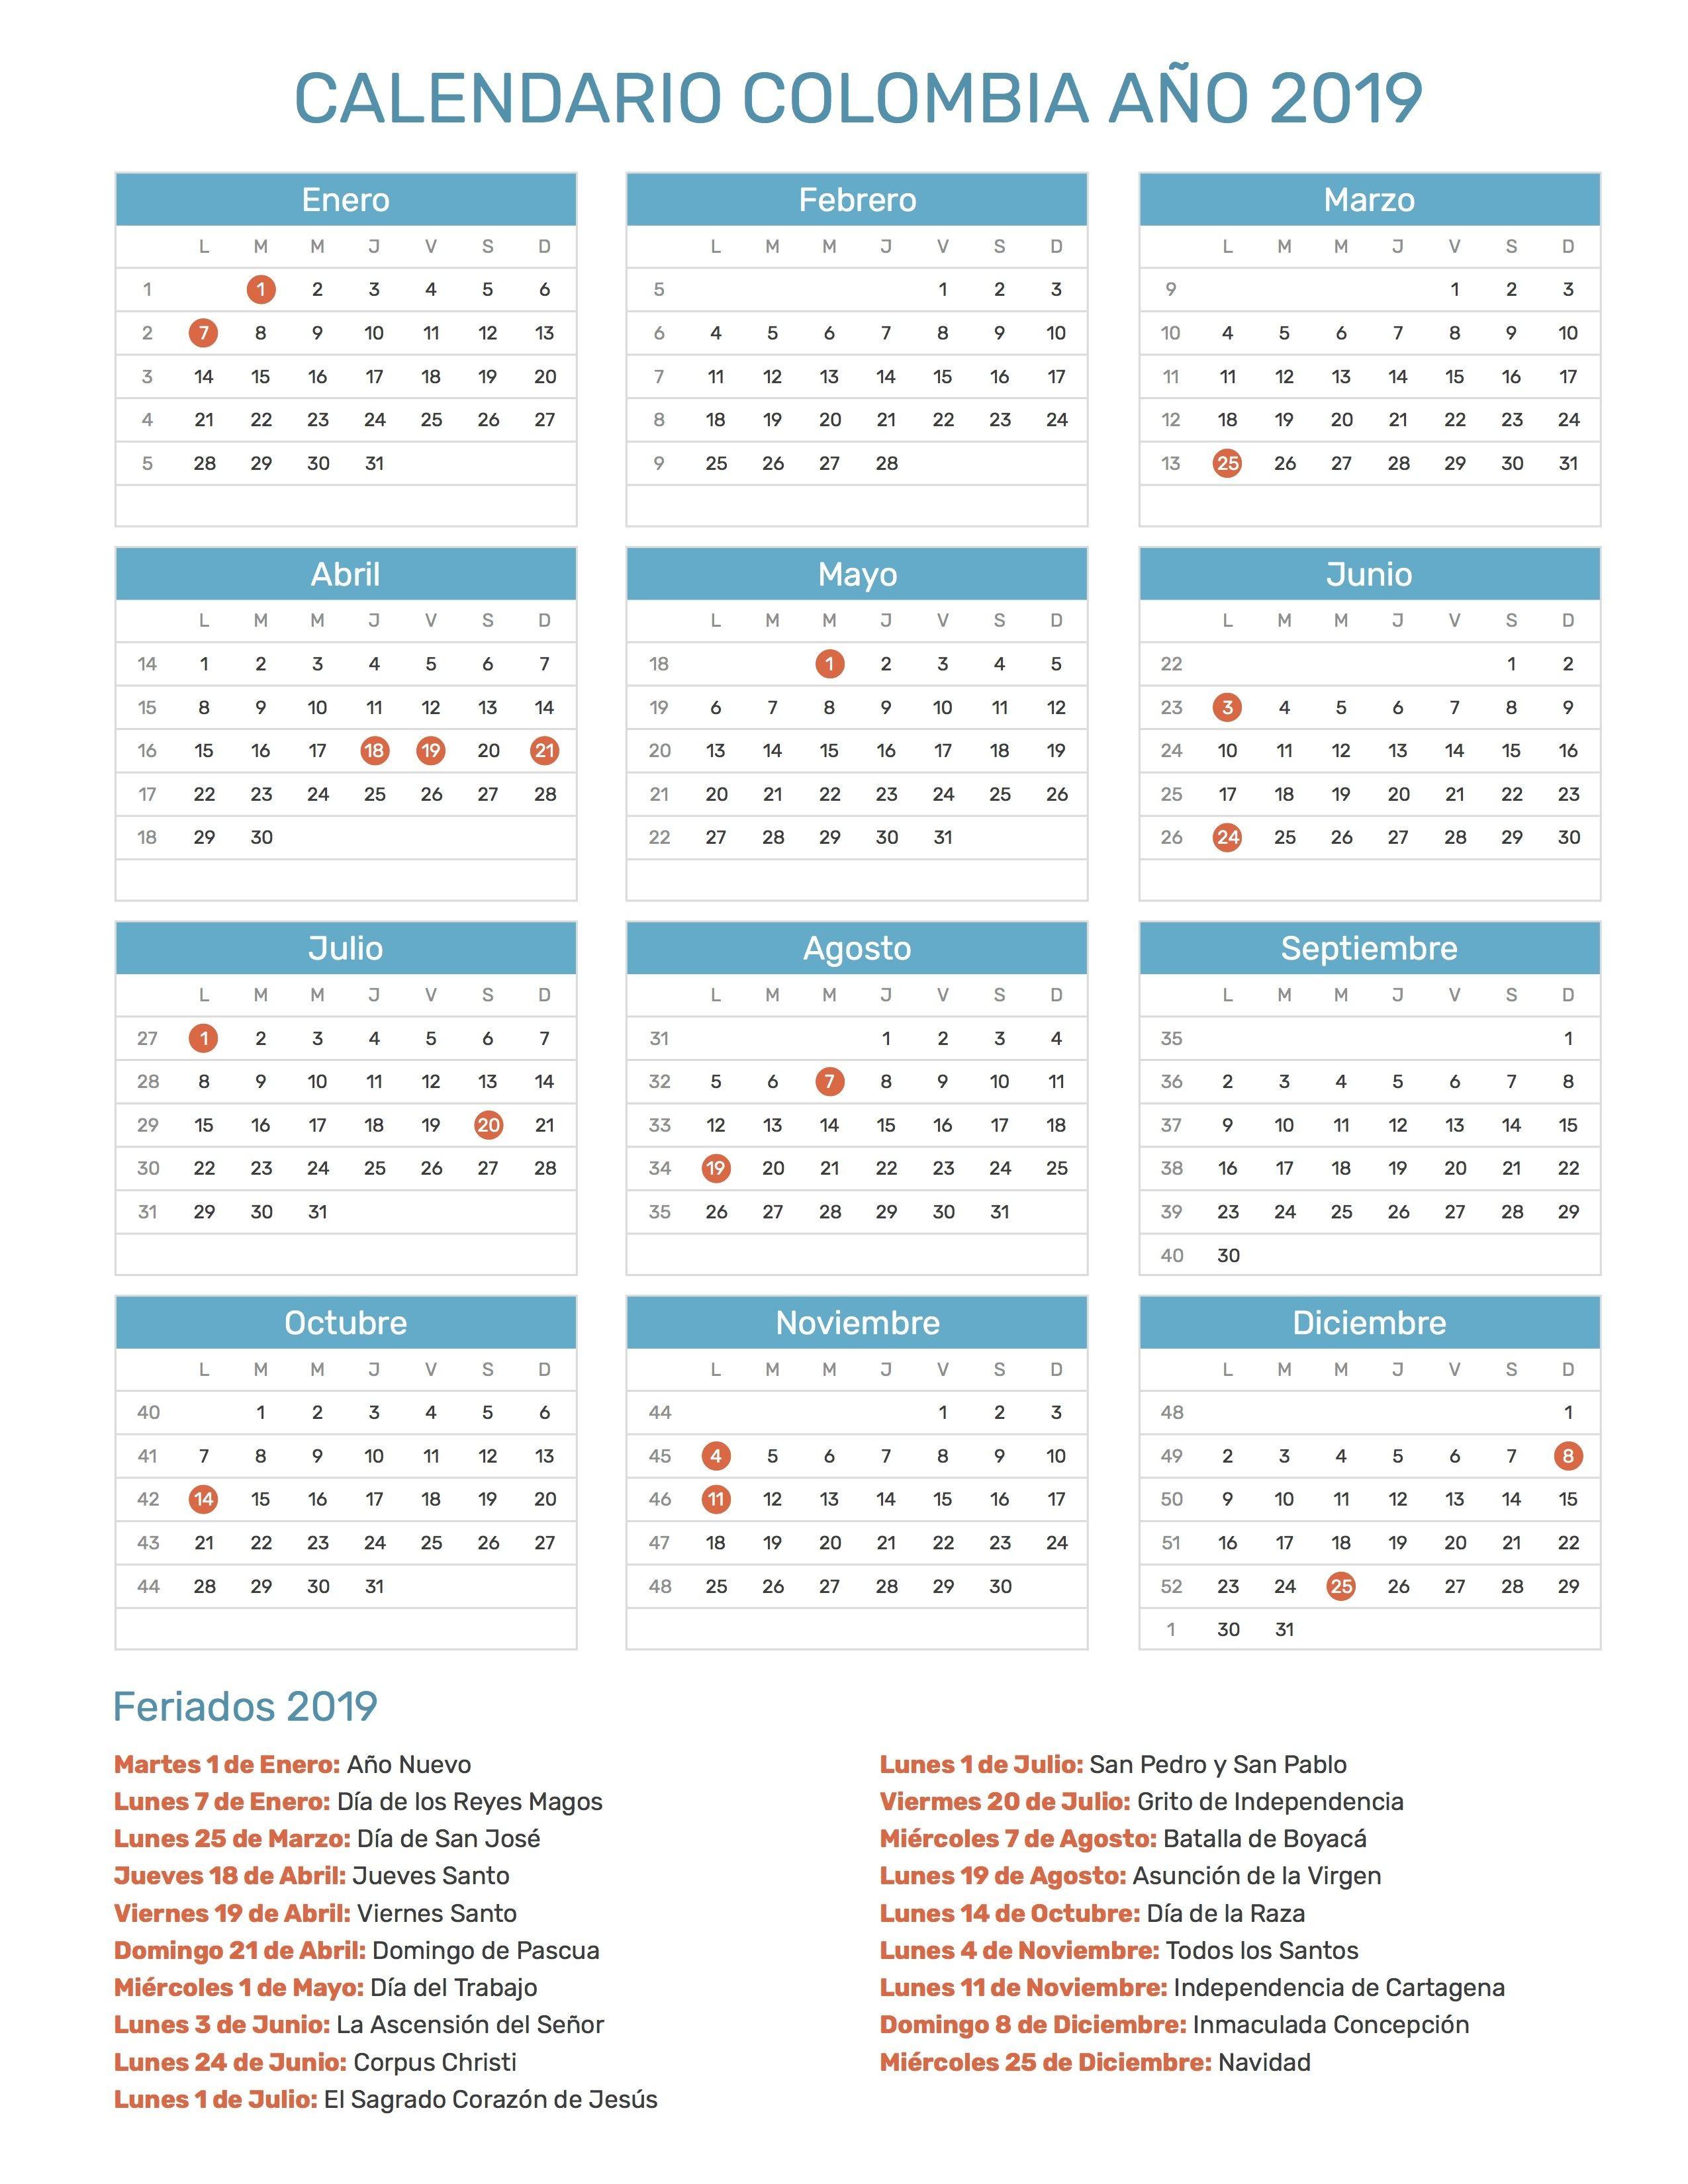 Calendario Semanal Para Imprimir 2017 Más Caliente Pin De Gladys En Imagenes Para Calendario Pinterest Of Calendario Semanal Para Imprimir 2017 Más Recientemente Liberado List Of Synonyms and Antonyms Of the Word Agenda 2016 Enero